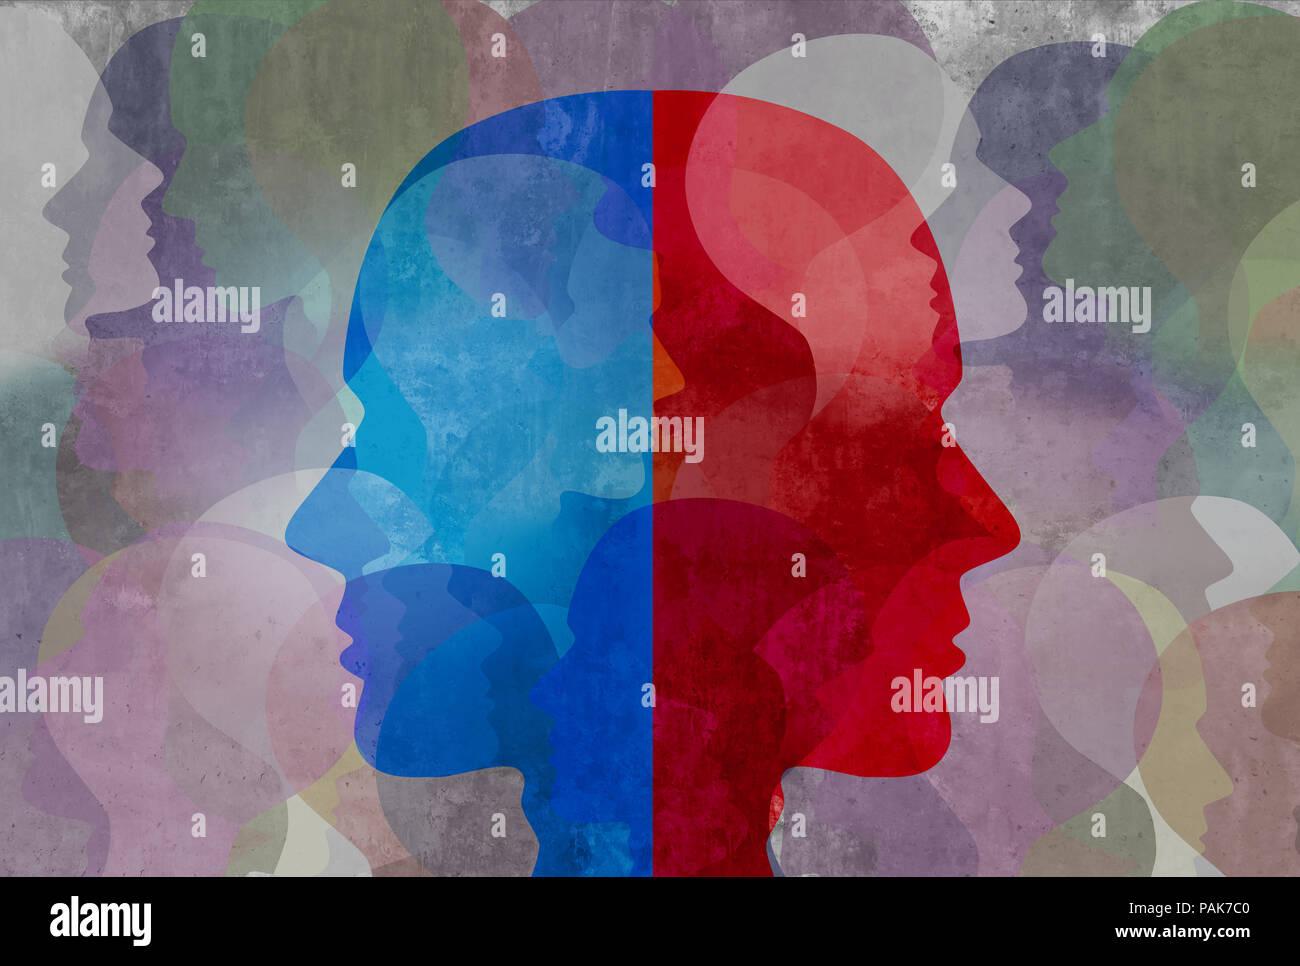 La Schizofrenia e split disturbo di personalità e di salute mentale di malattia psichiatrica in un concetto 3d illustrazione dello stile. Immagini Stock